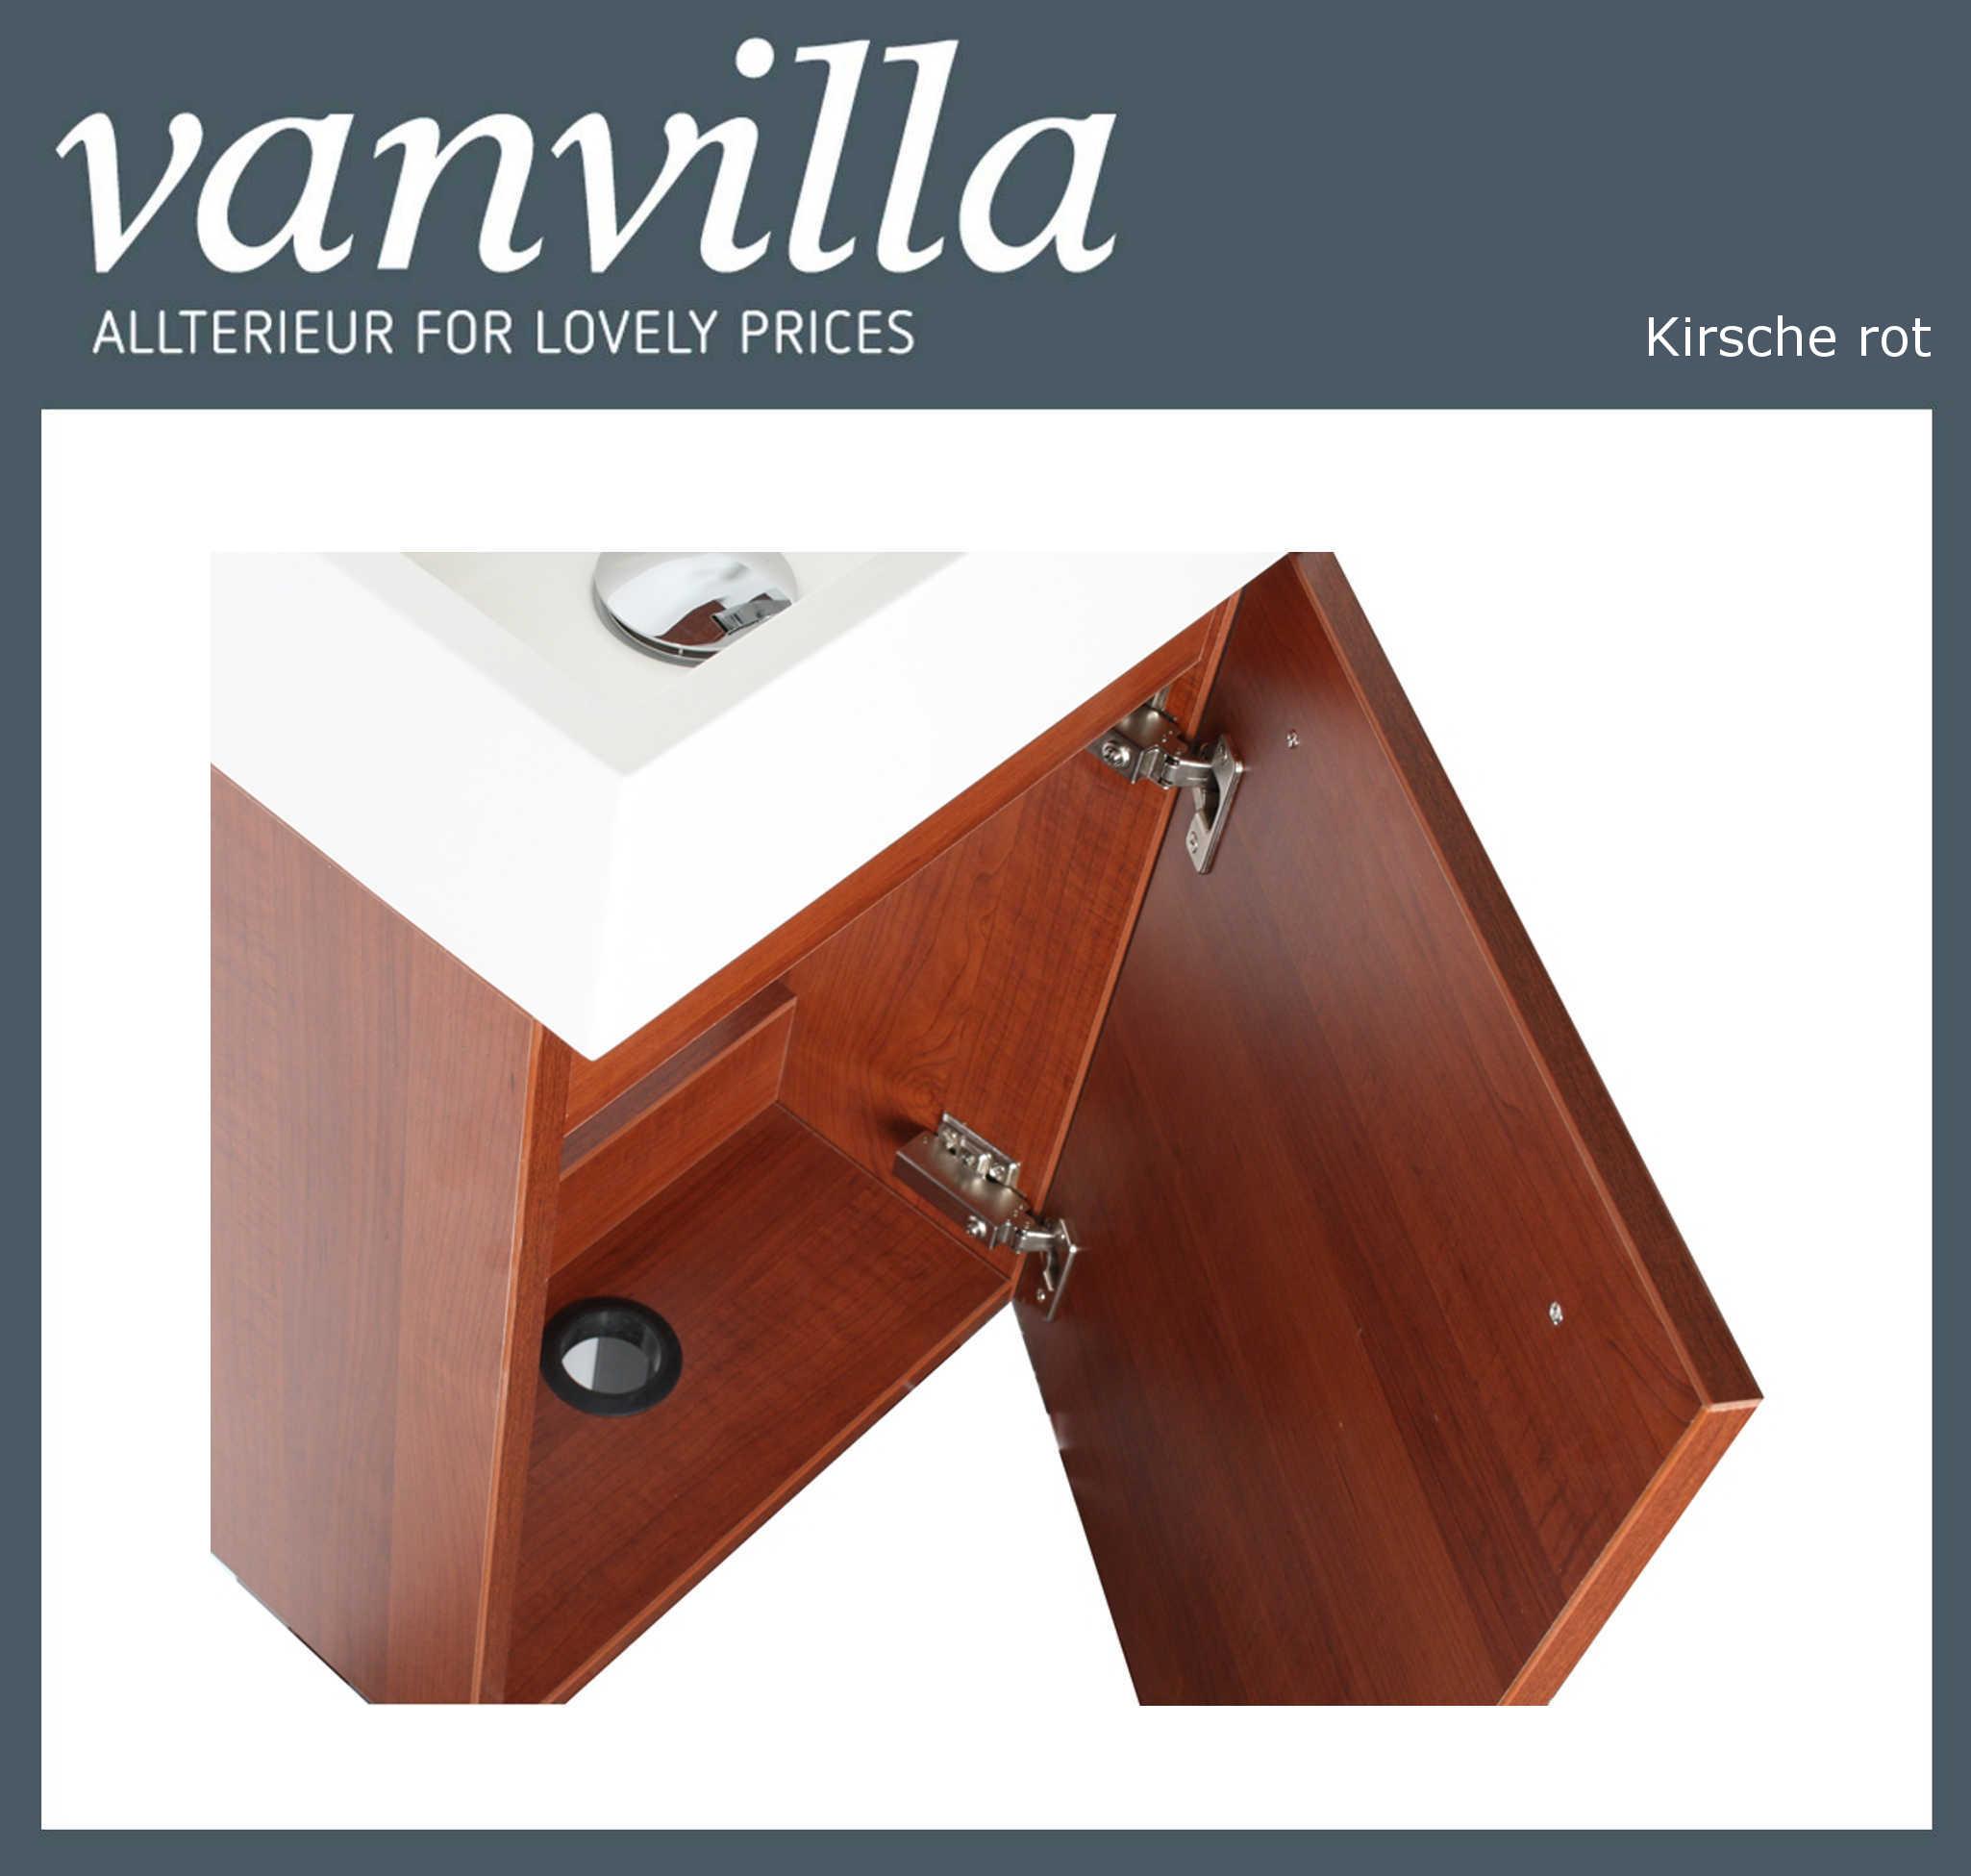 vanvilla g ste wc badm bel waschtisch spiegel gross set versch farben abverkauf ebay. Black Bedroom Furniture Sets. Home Design Ideas